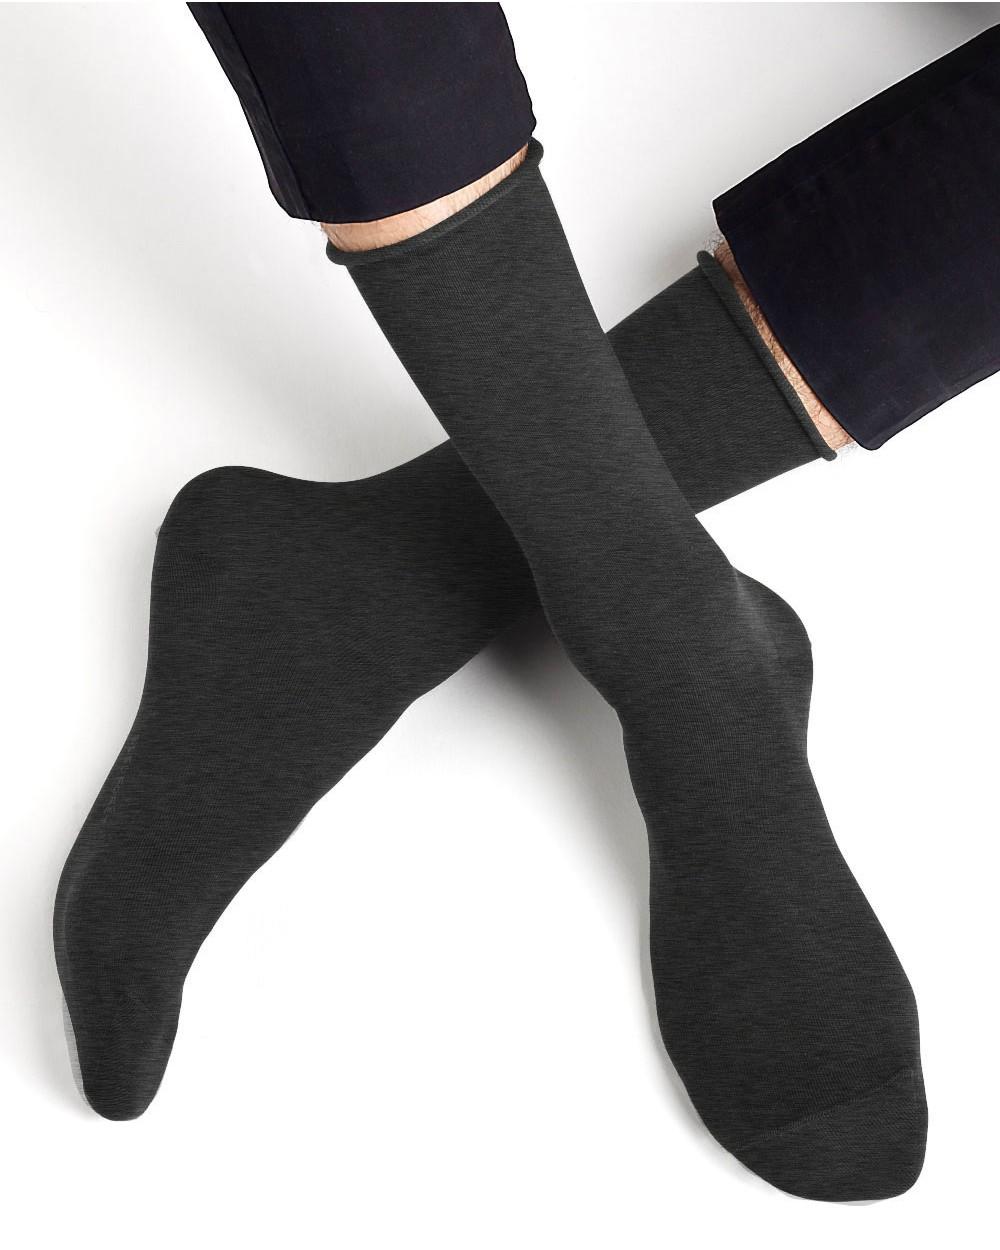 Chaussettes Coton Non Comprimantes Veloutées